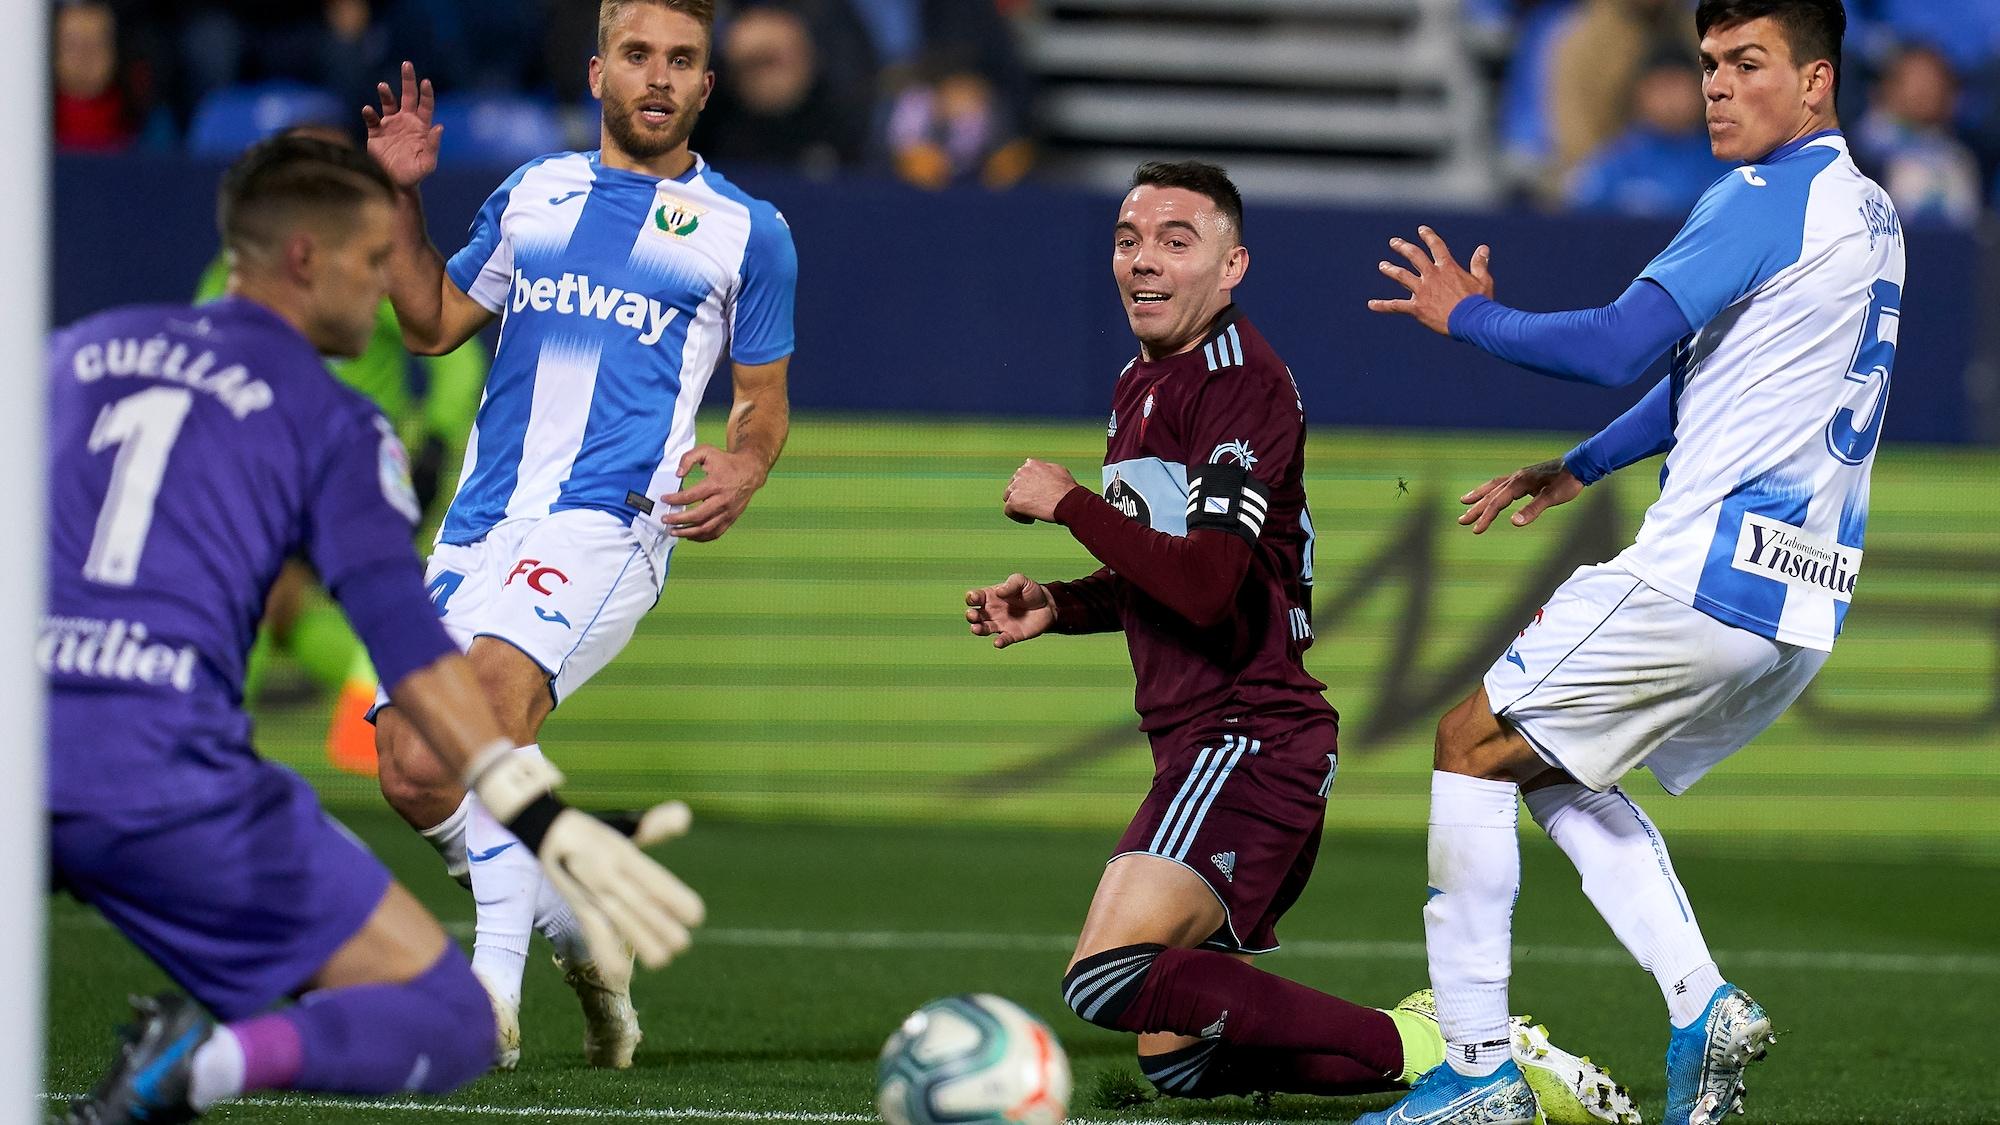 Heimteam triumphiert: Torreiches Kellerduell zwischen Leganes und Celta Vigo